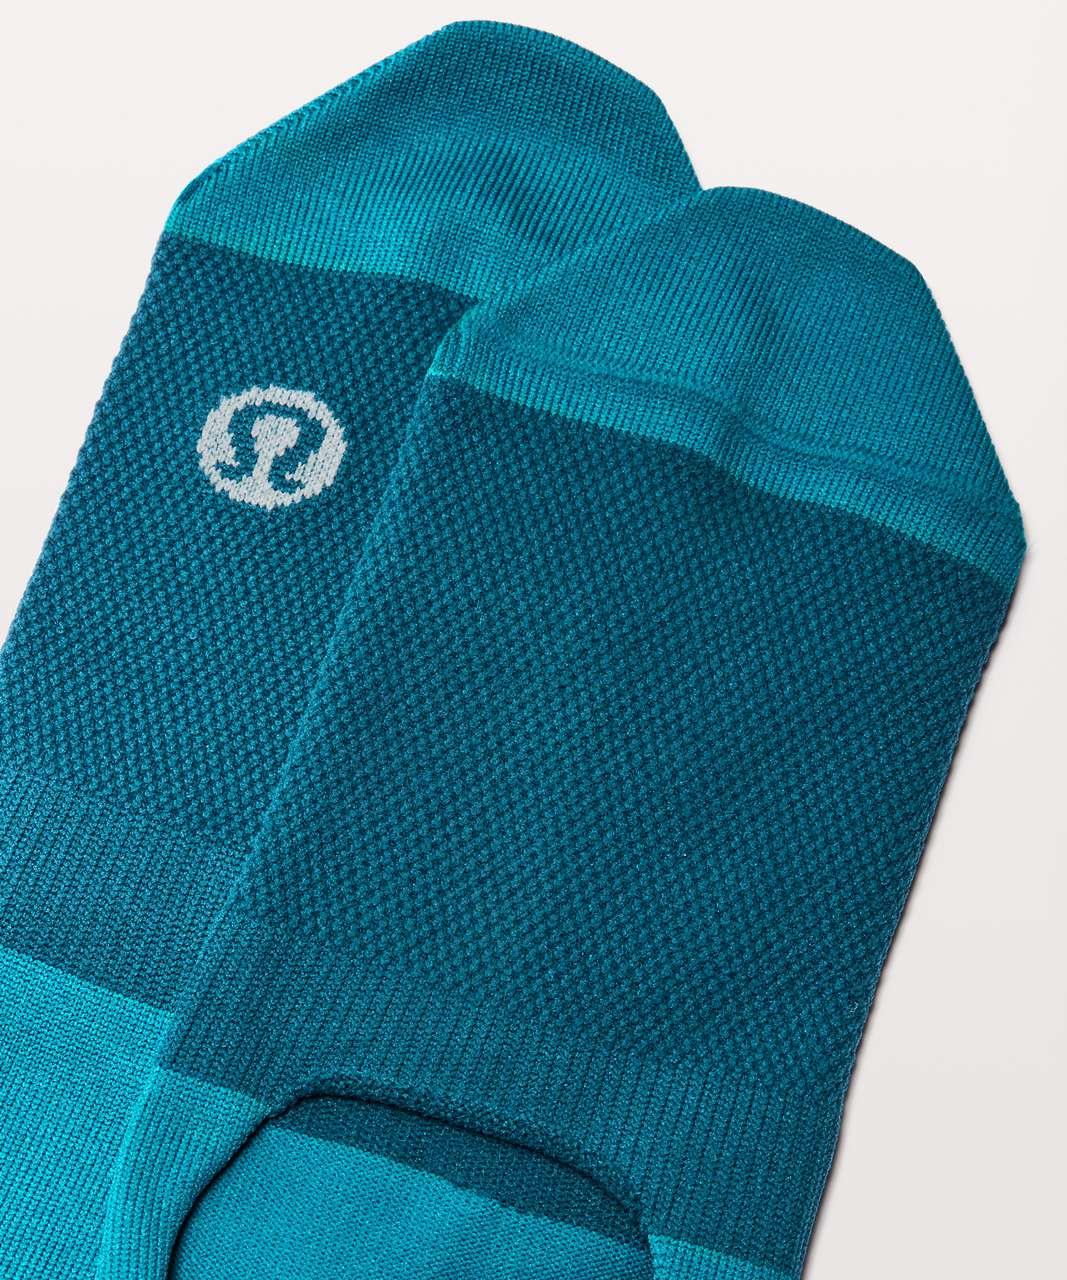 Lululemon No Sock Sock - Poseidon / Cyprus